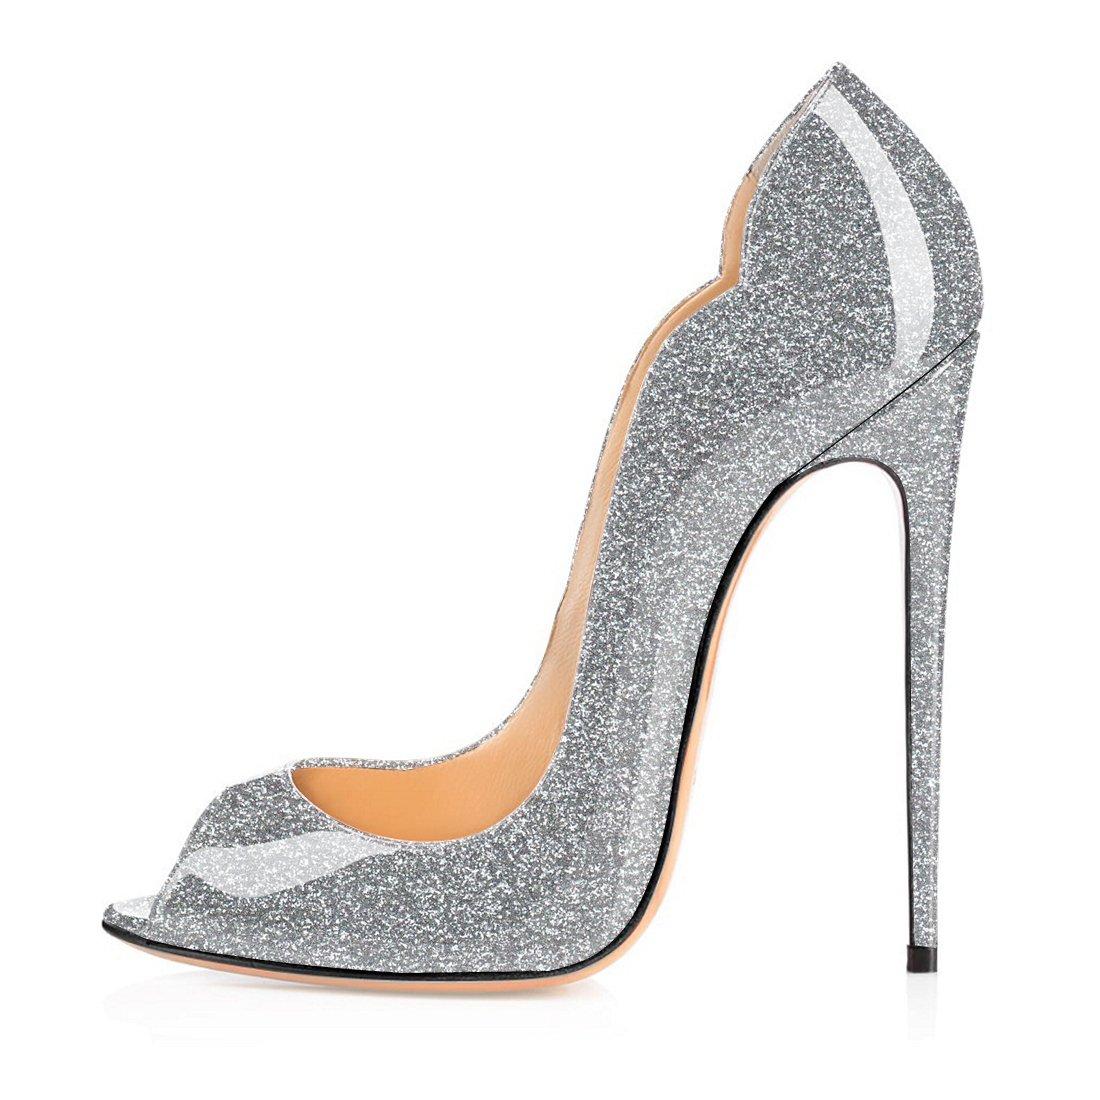 Soireelady - Zapatos con tacón Mujer 37 EU|Glitter-silber